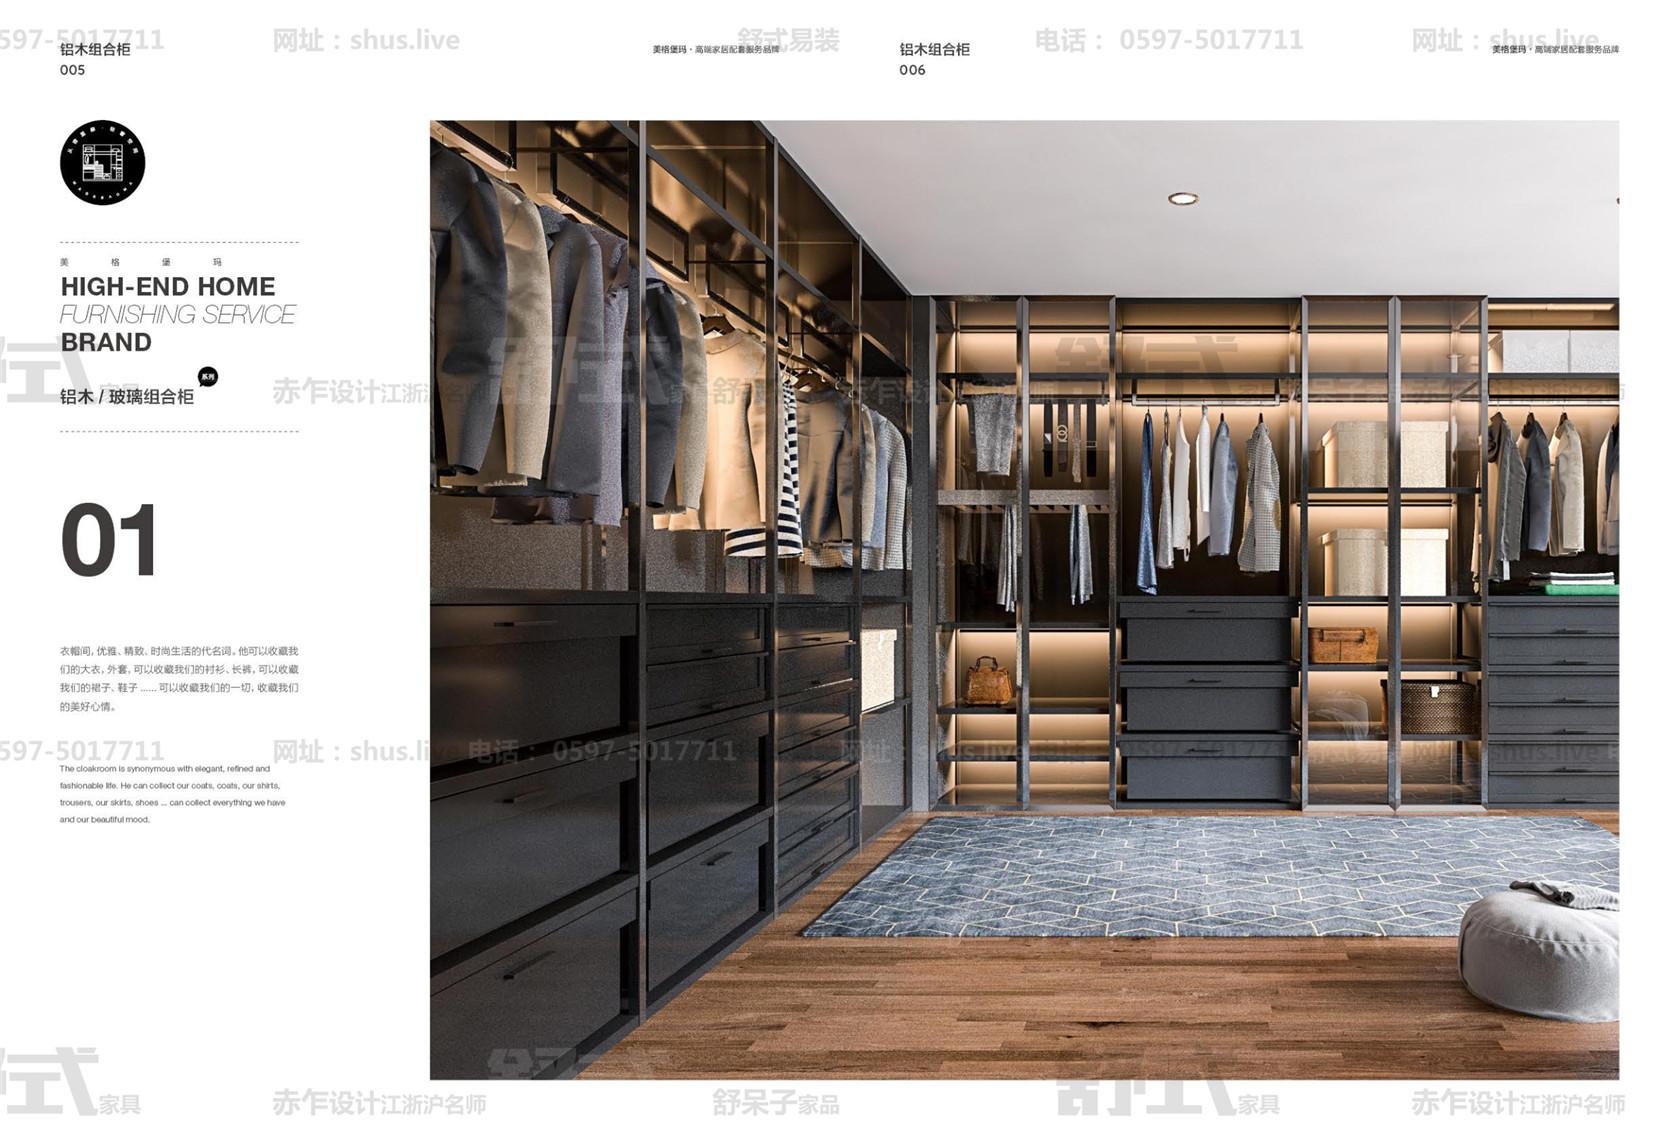 极简轻奢-玻璃柜/金属柜/铝木门/金属桌/隐形门/壁挂系统-J莱雅